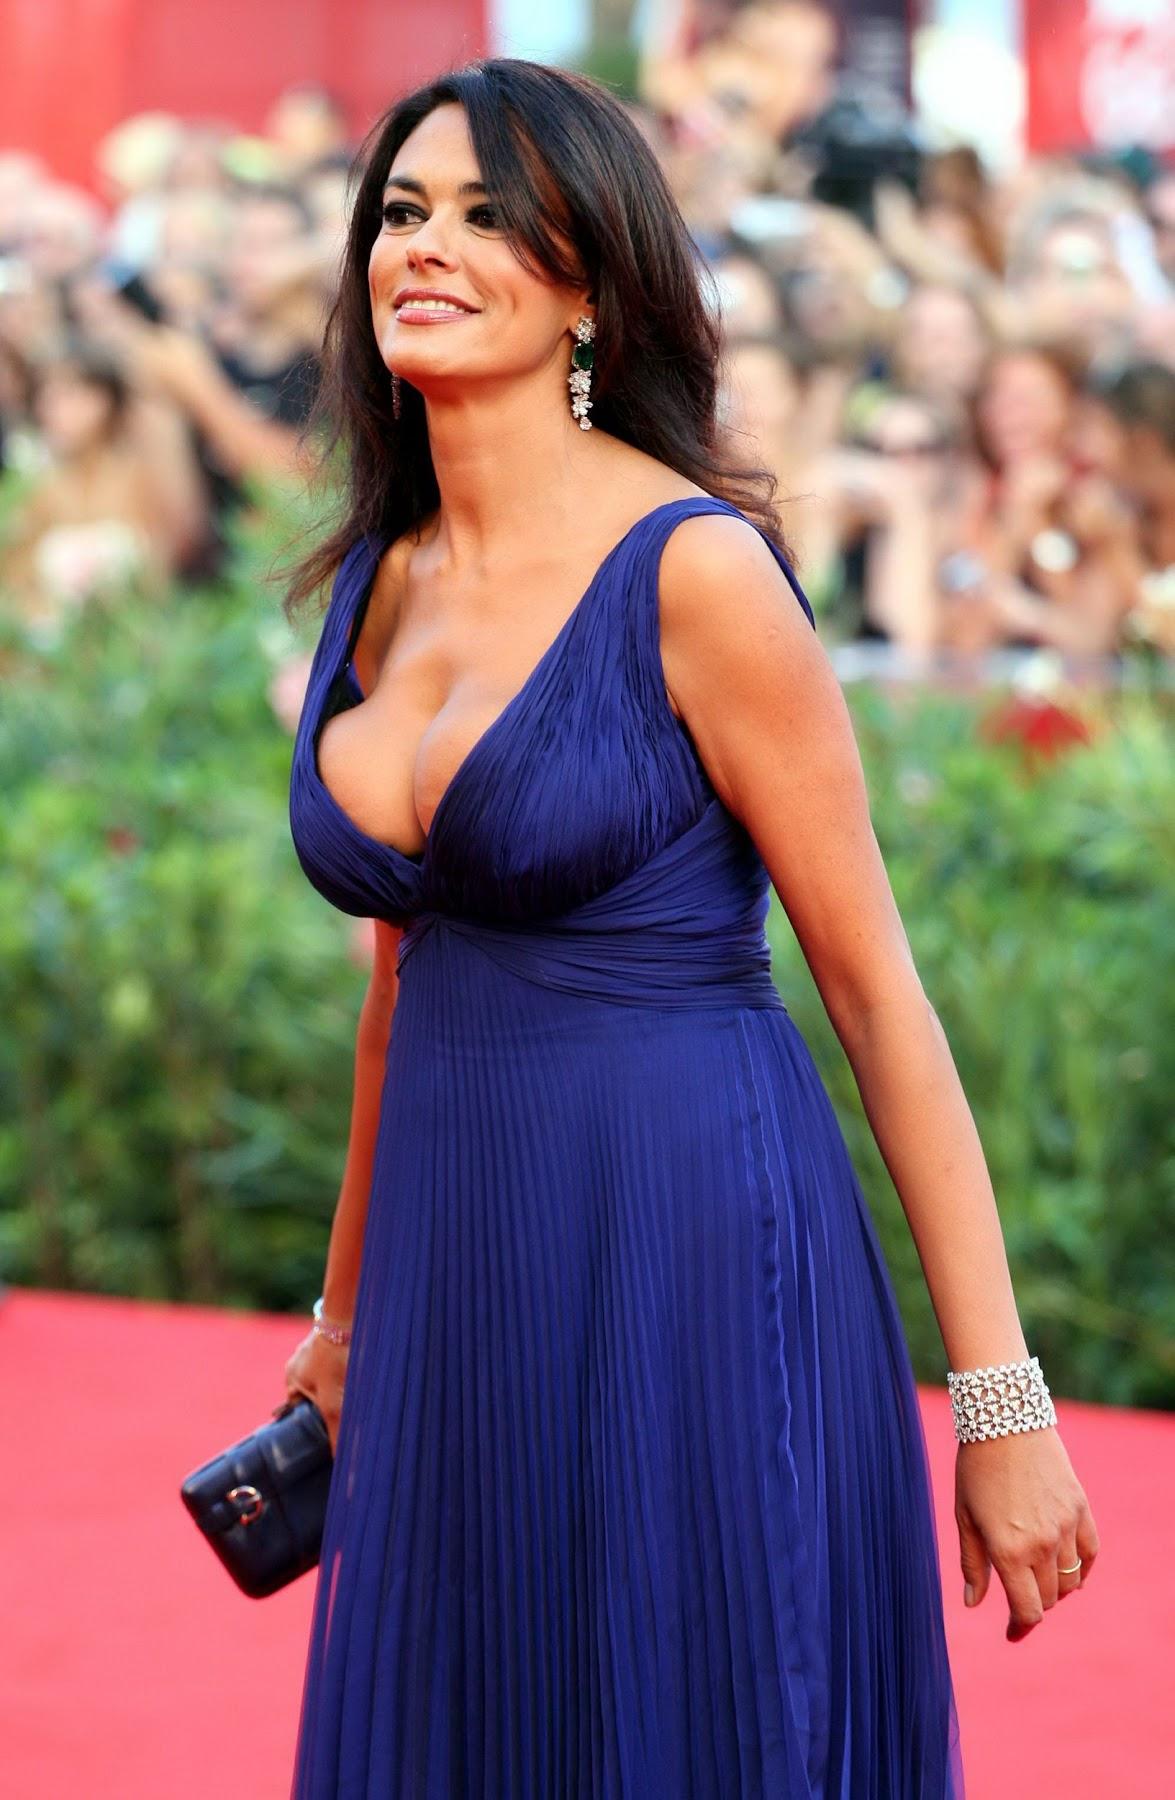 http://3.bp.blogspot.com/-B8c9sHucWAQ/TayG74MjSDI/AAAAAAAAALI/iabZr35U_LM/s1800/49198_Maria_Grazia_Cucinotta_66th_Venice_Film_Festival_Opening-Baaria_Premiere_020909_017_122_107lo.jpg